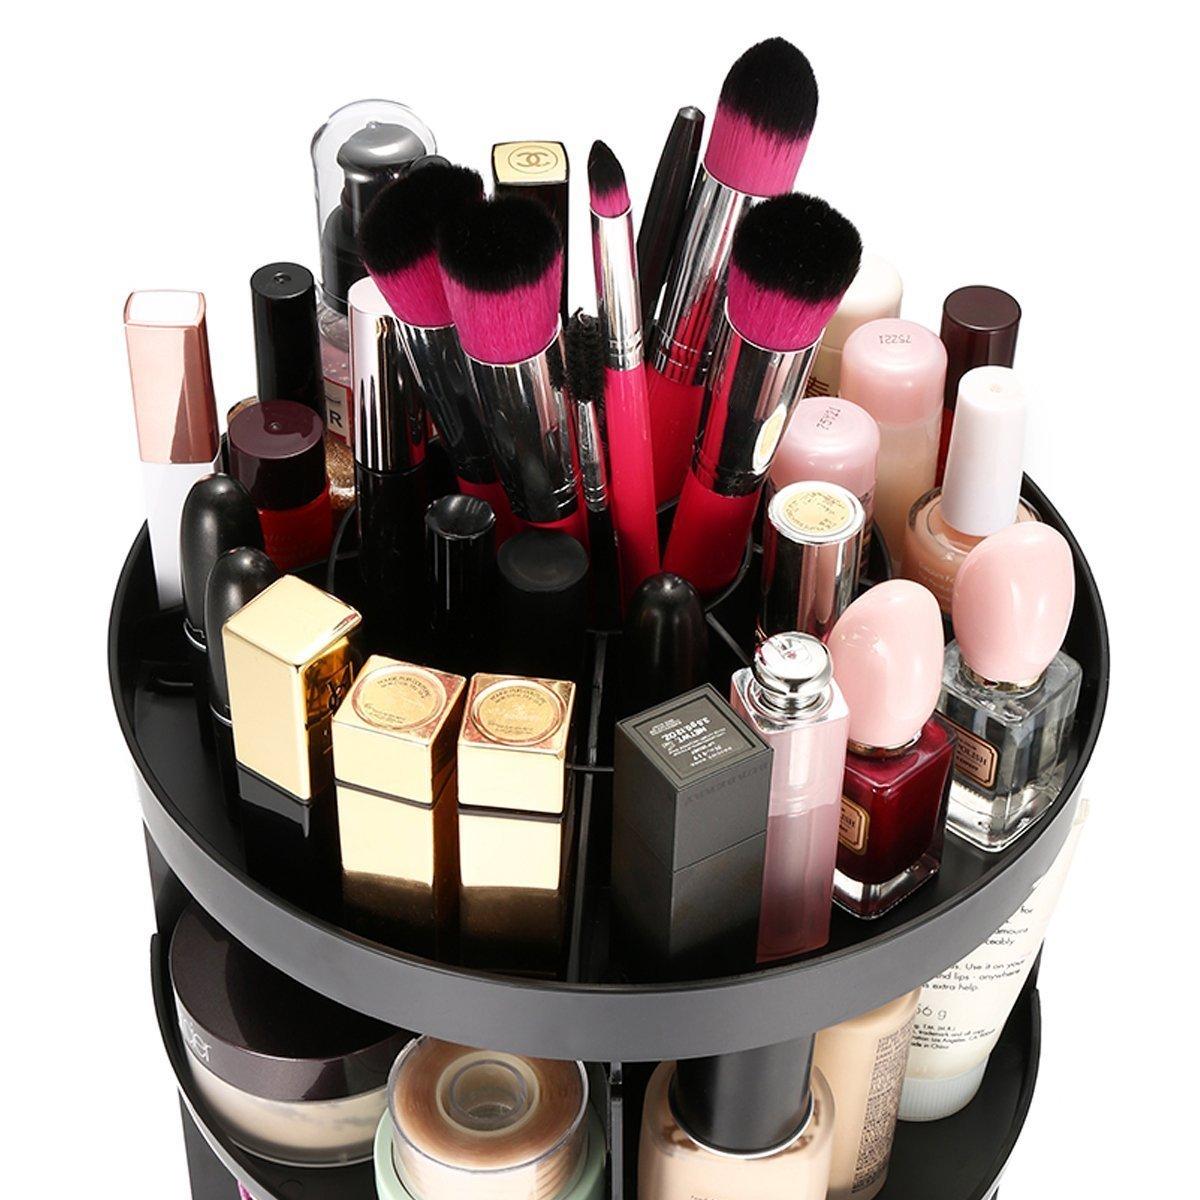 Rangement de Maquillage Baban, Boîte de Rangement Maquillage pas cher Amazon - Ventes-pas-cher.com